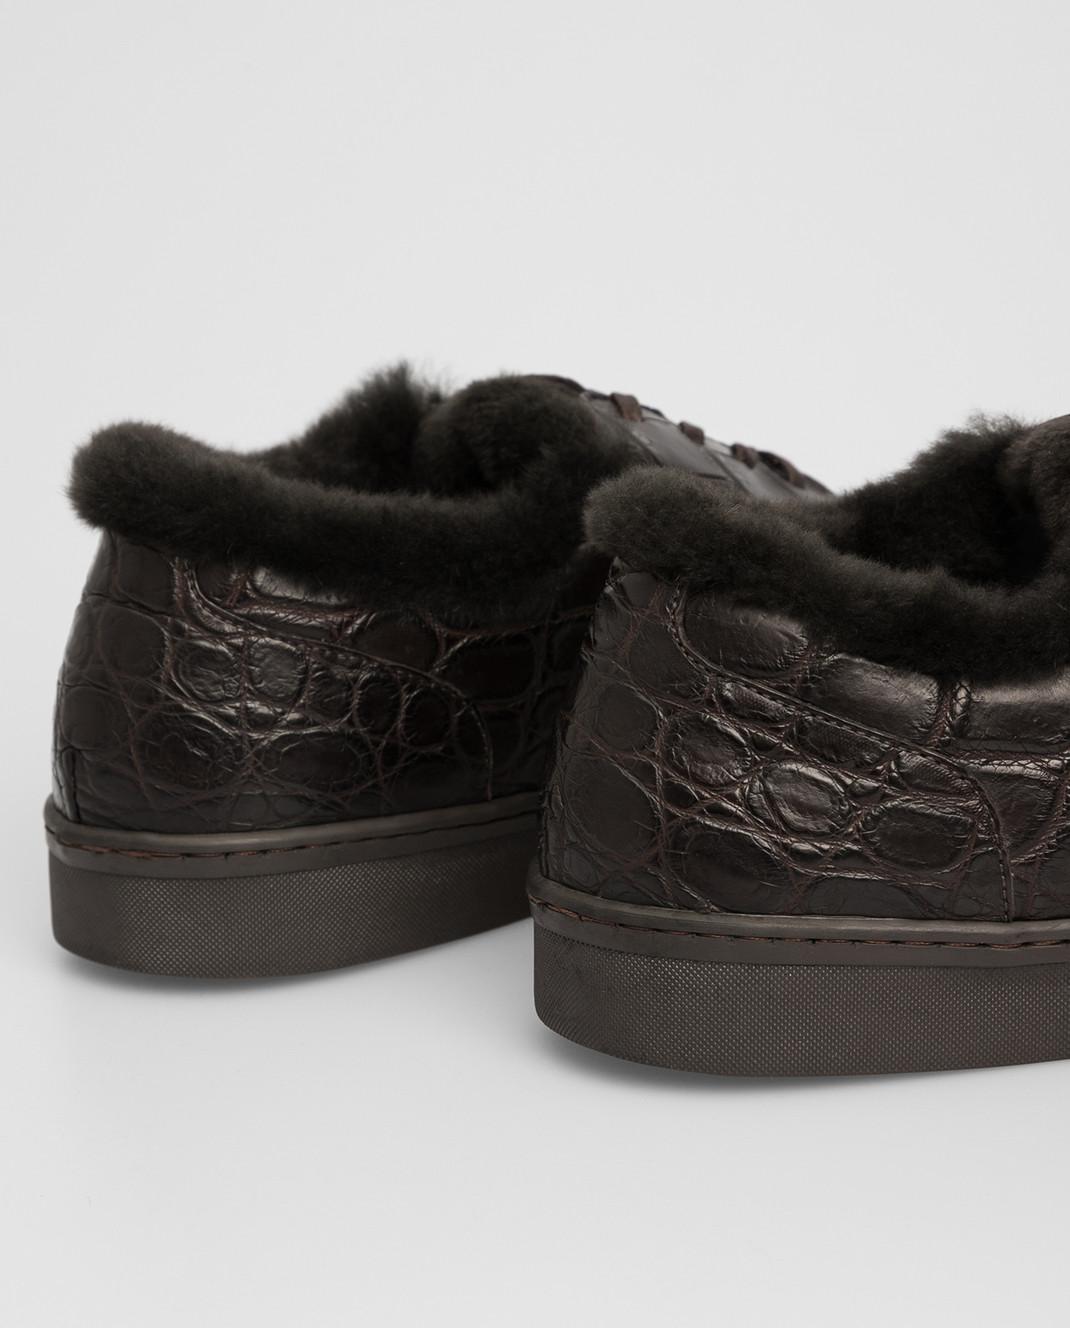 Del Dami Темно-коричневые ботинки из кожи крокодила на меху 3604 изображение 5